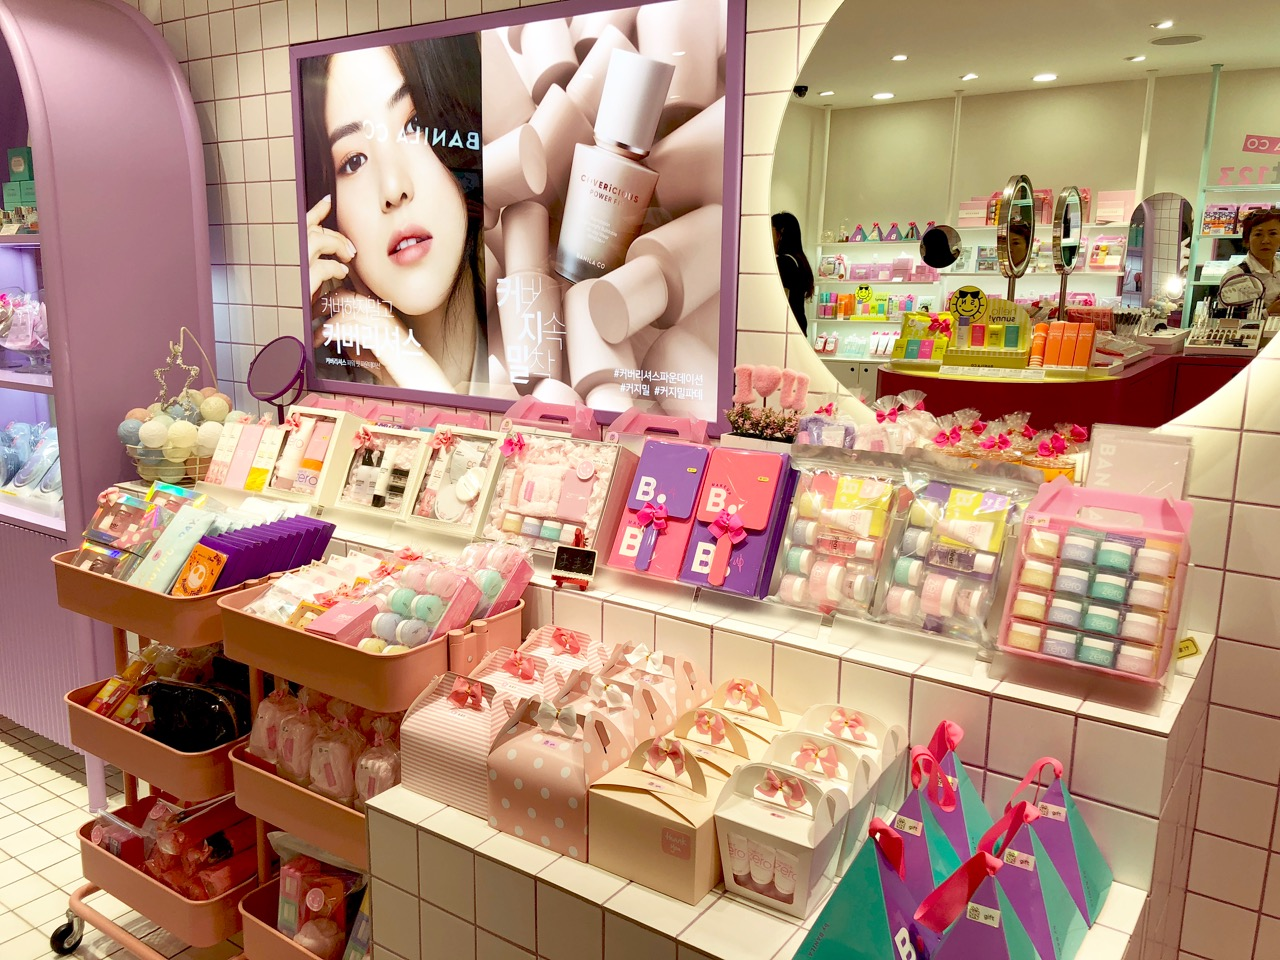 Ostolakossa etelä korea shoppailu minimalismi